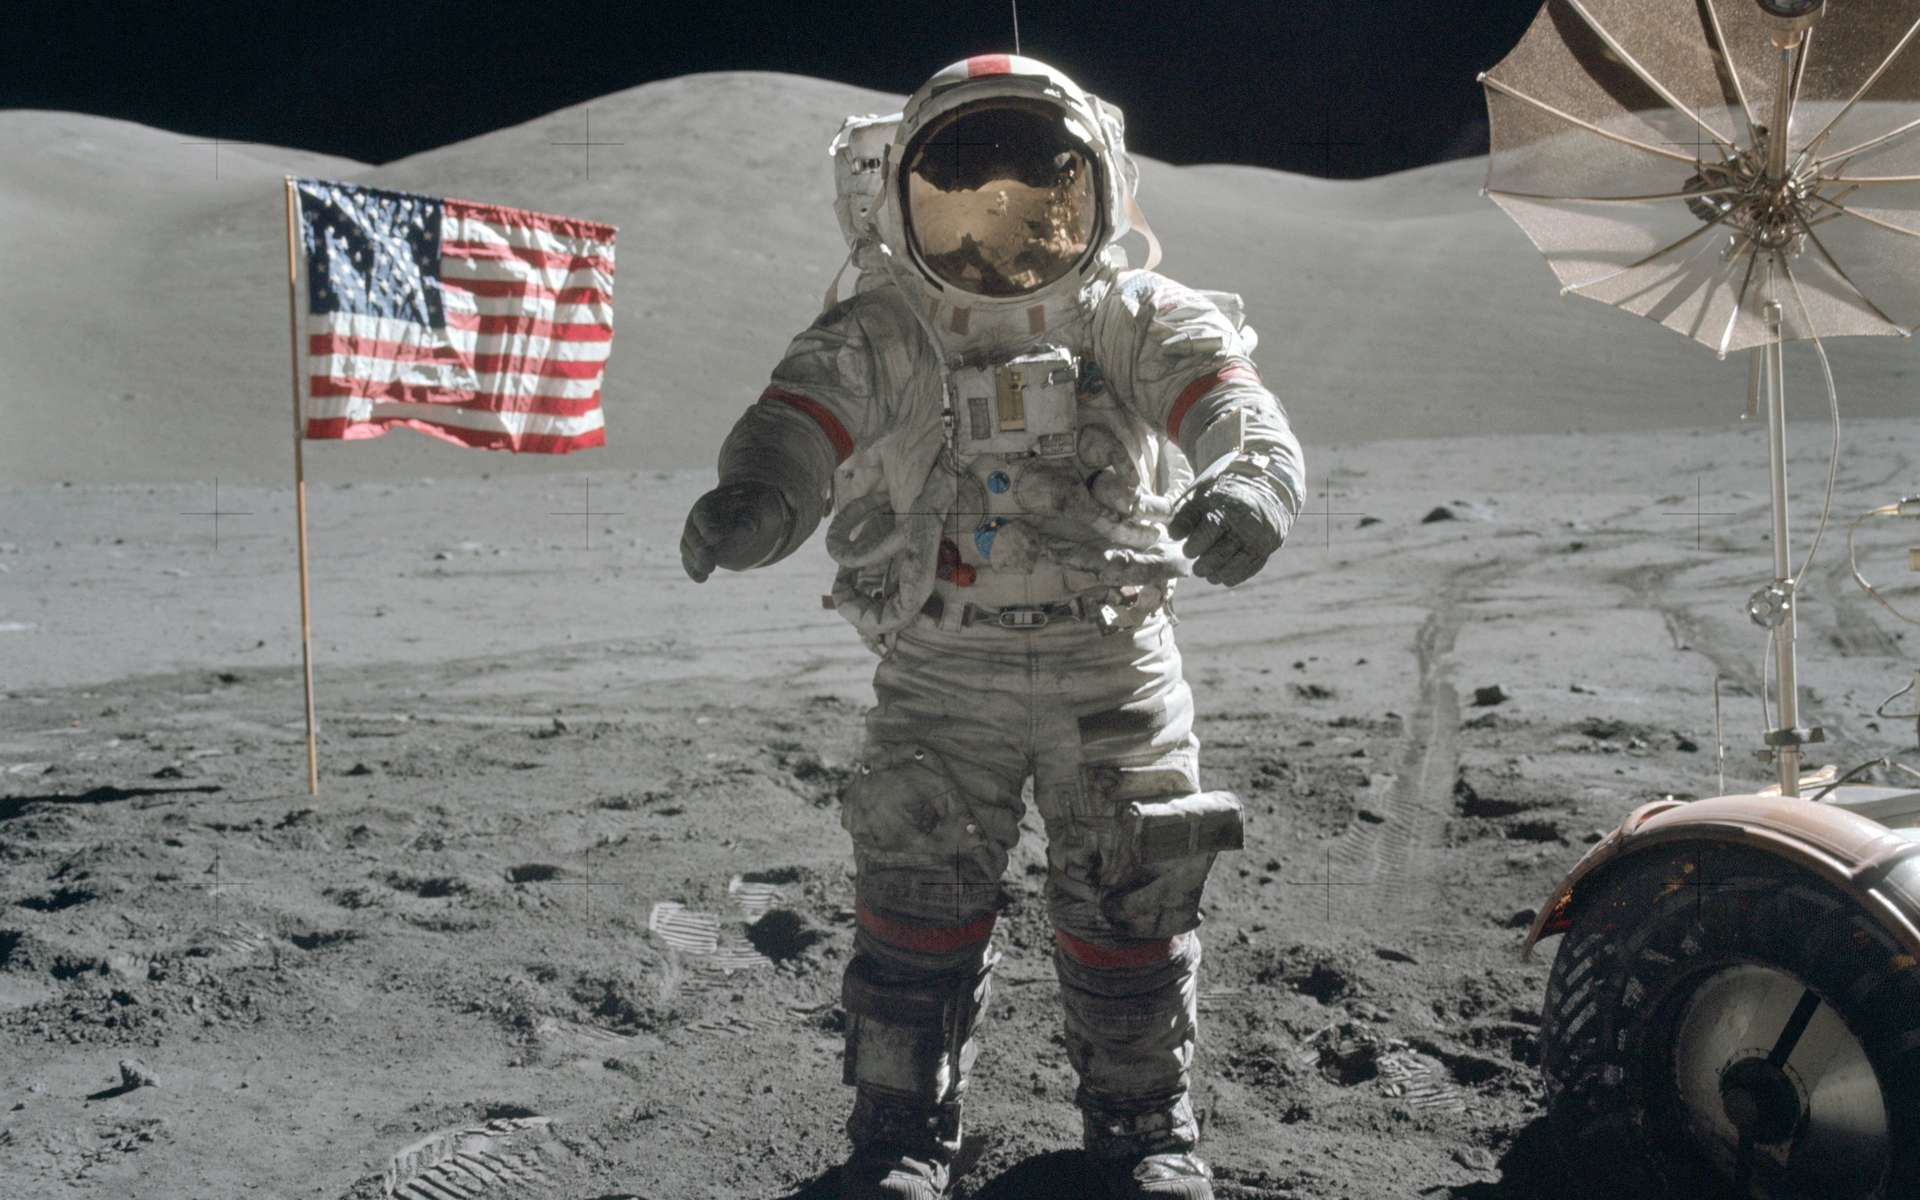 Décembre 1972 : Eugene Cernan pose sur la Lune près du drapeau américain. © Nasa